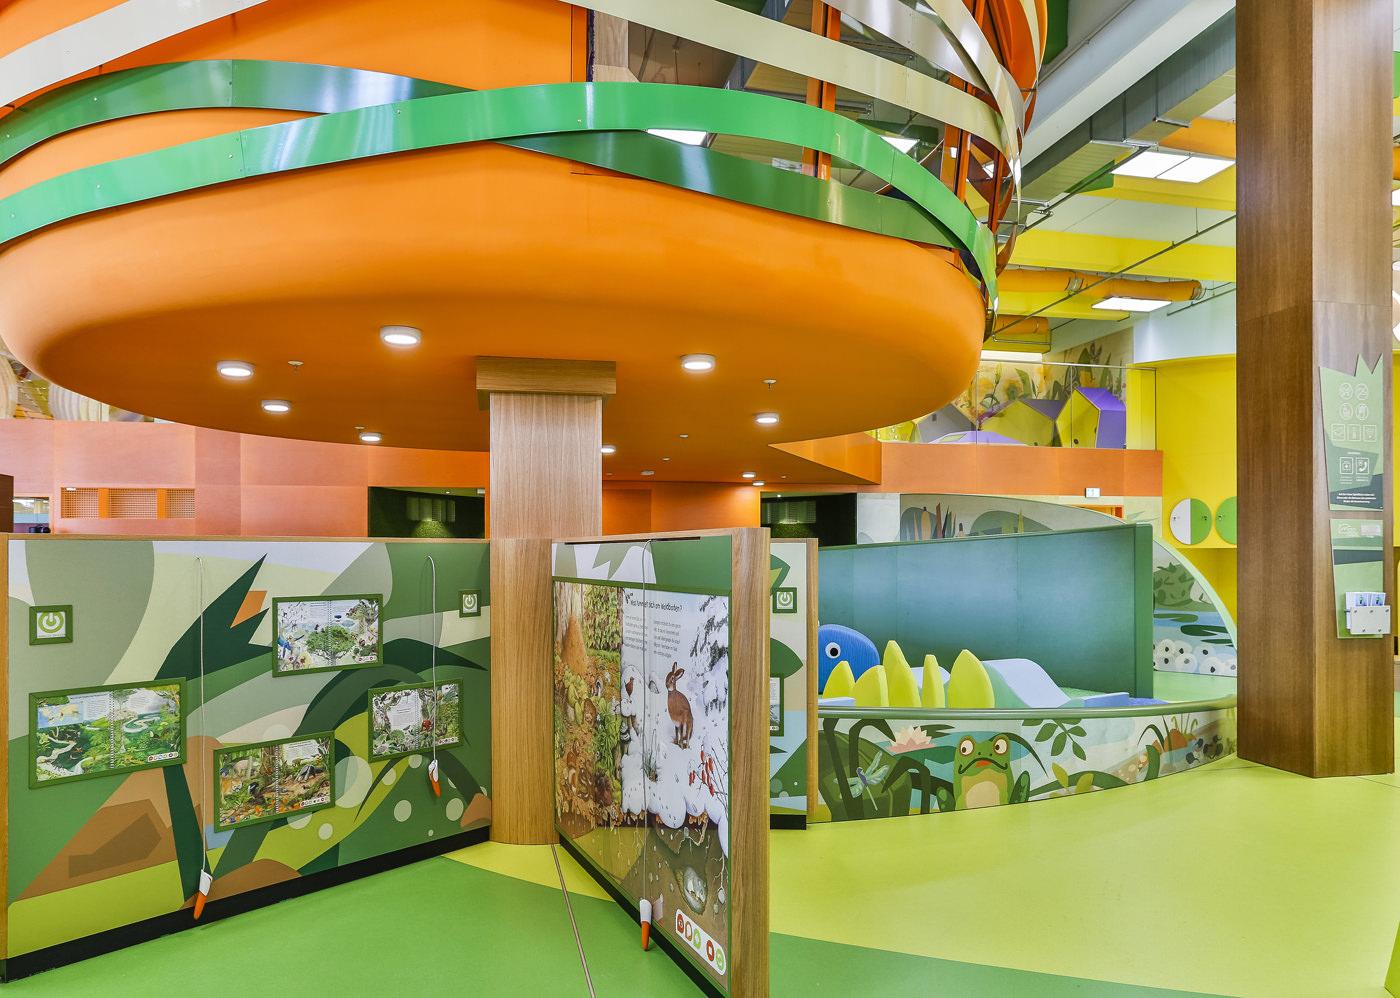 Kinder Erlebniswelt von Ravensburger - Kinderwelt im Centro Oberhausen - Centrolino